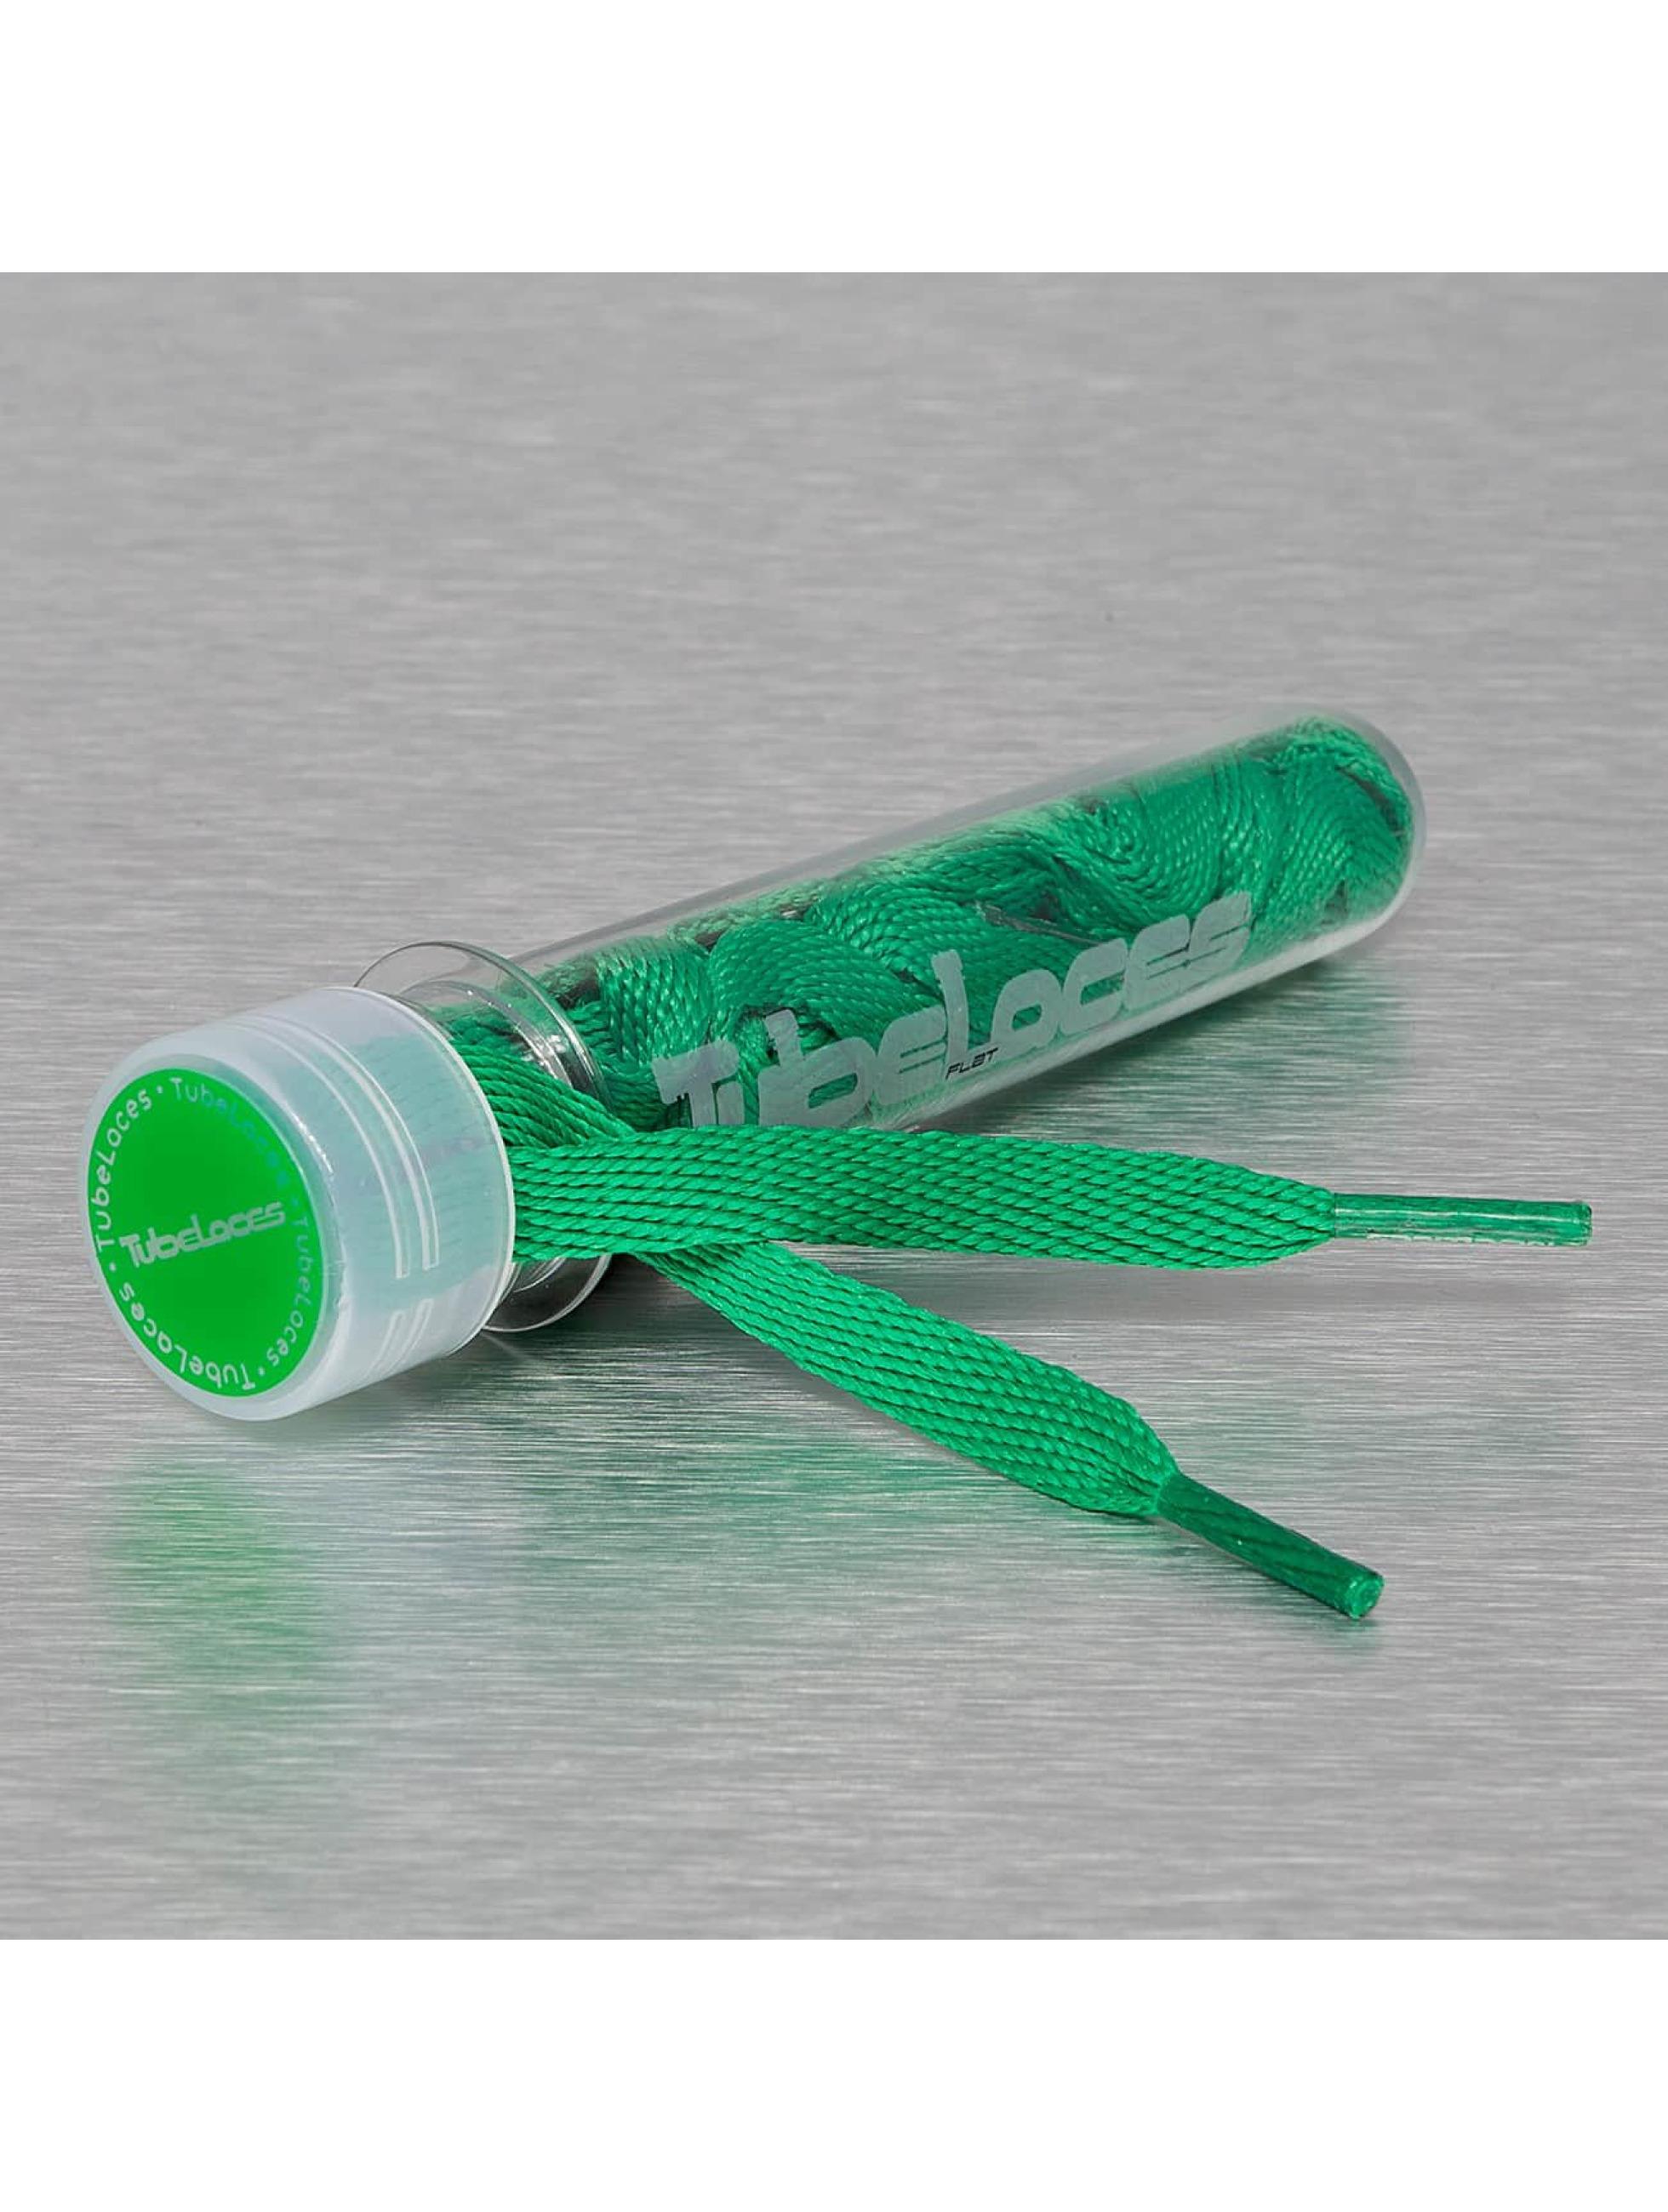 Tubelaces Schuhzubehör Flat Laces 120cm grün